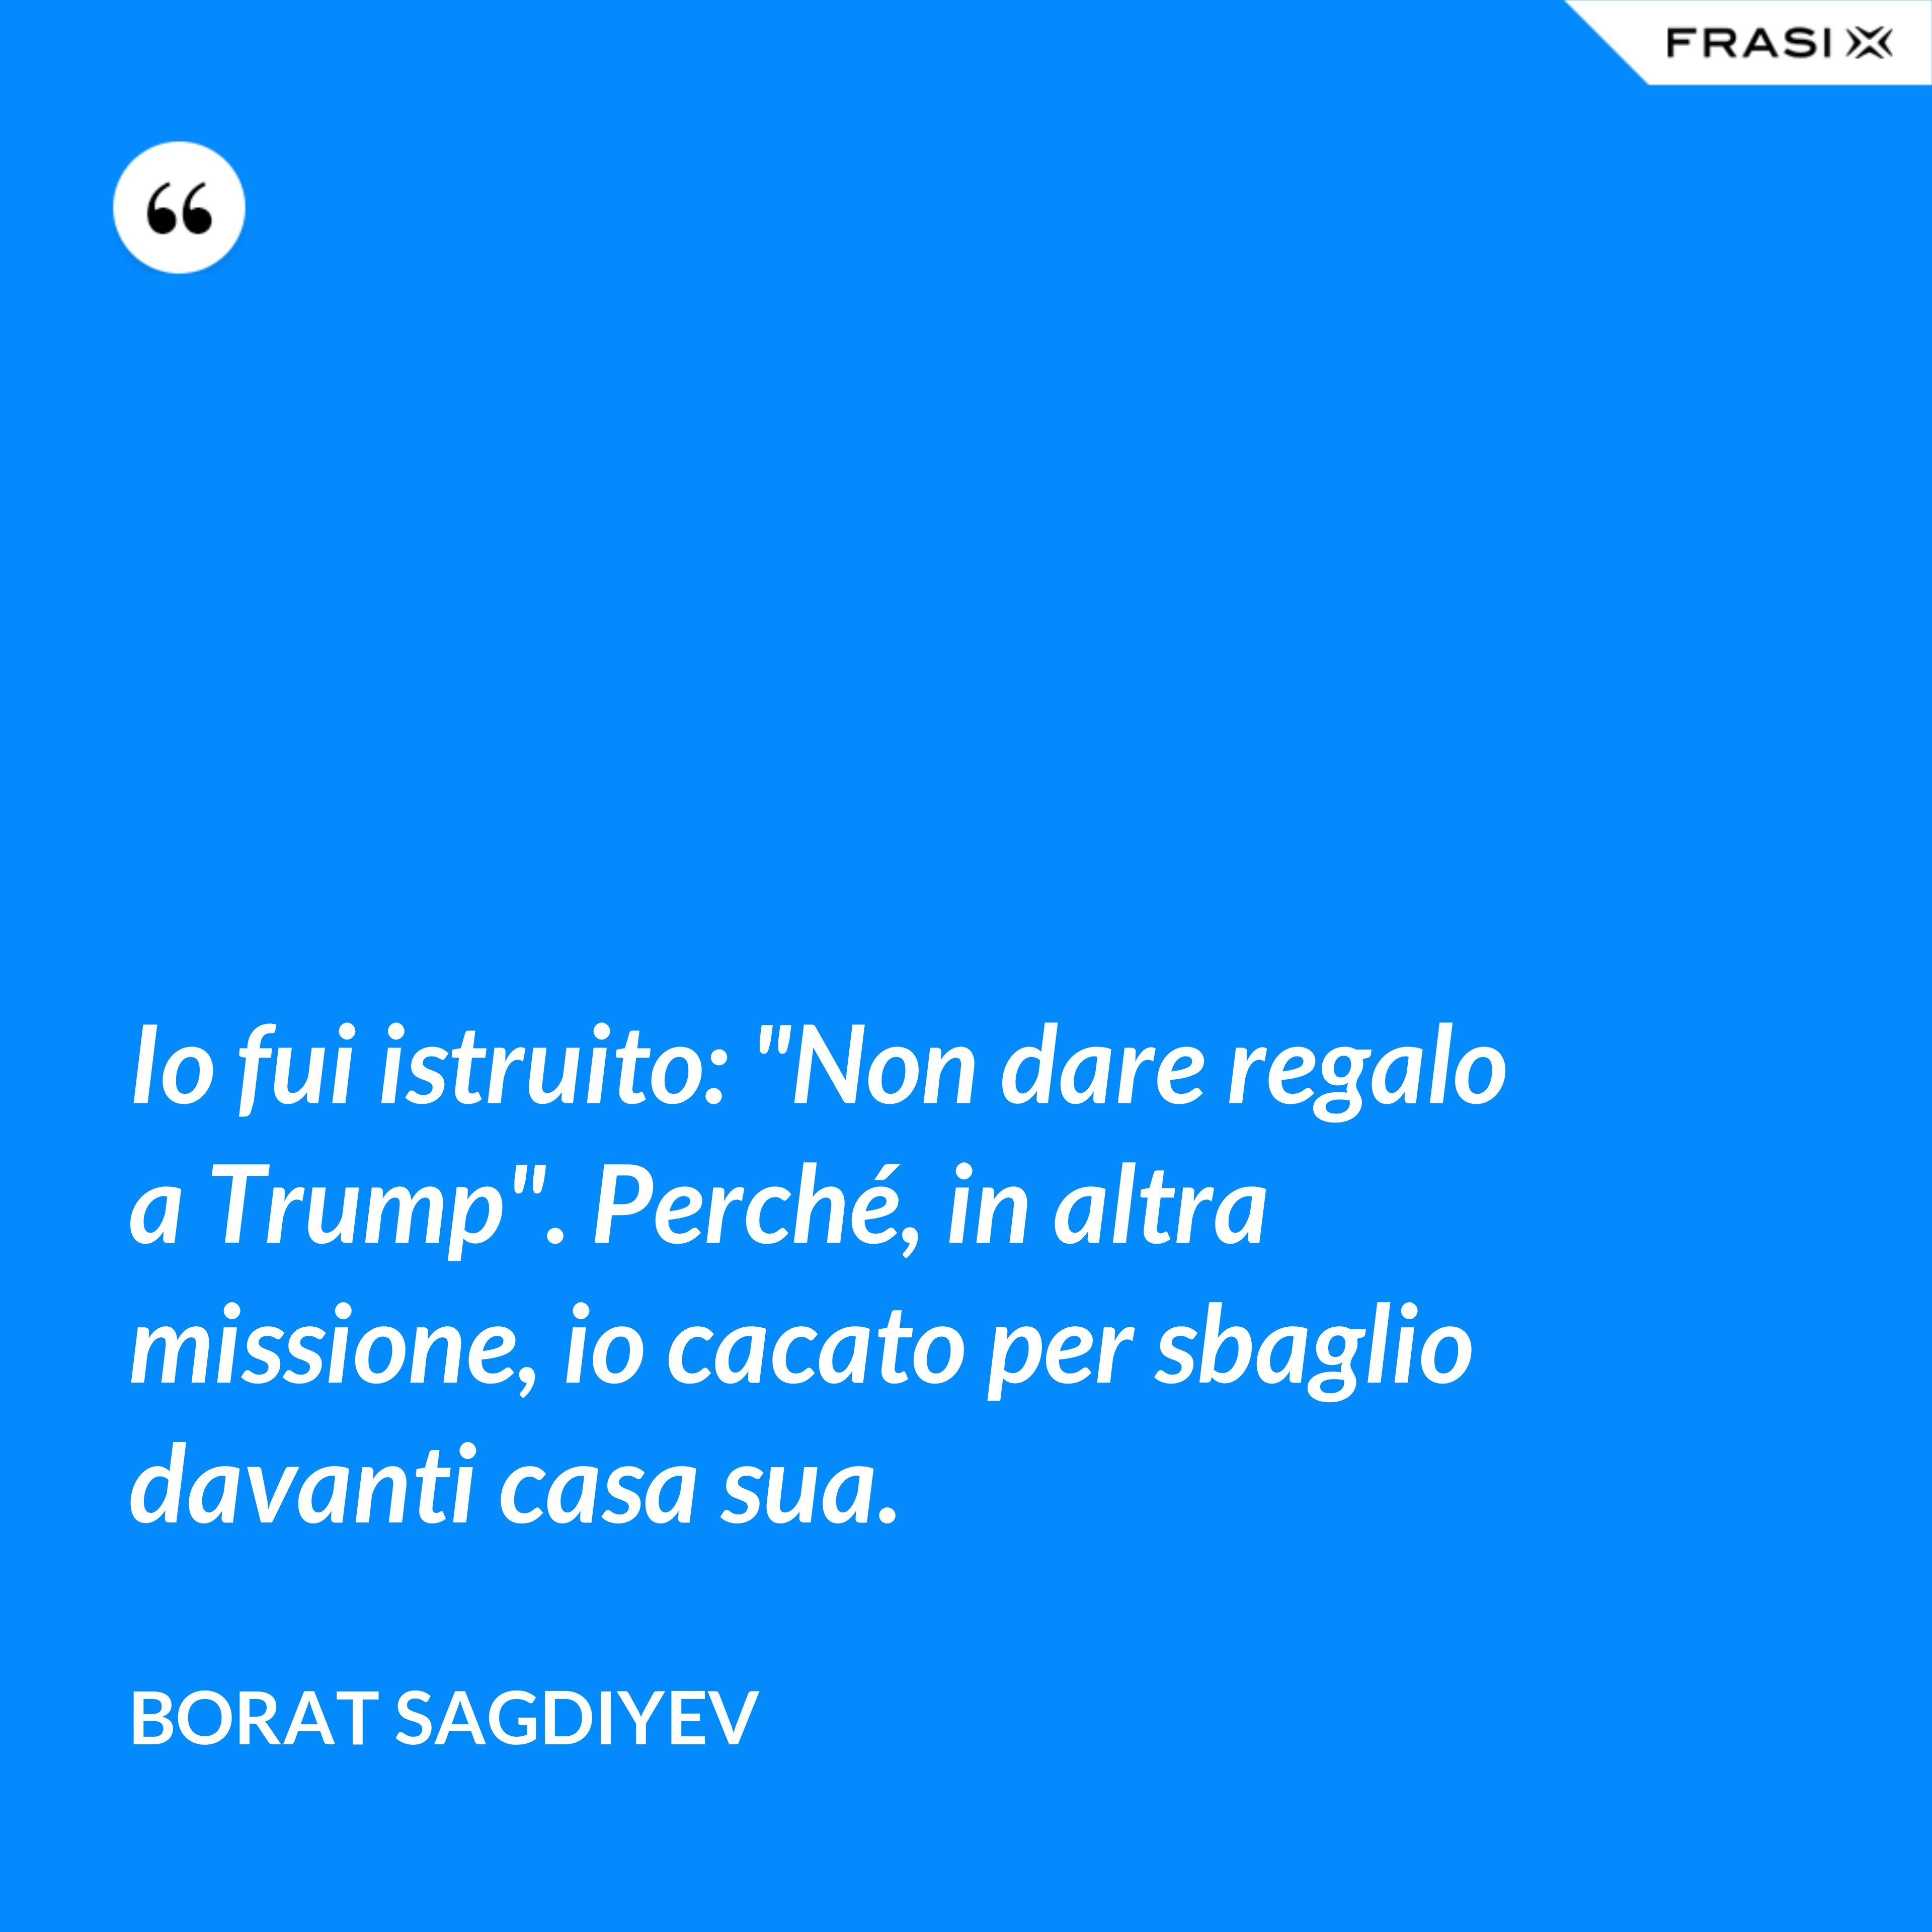 """Io fui istruito: """"Non dare regalo a Trump"""". Perché, in altra missione, io cacato per sbaglio davanti casa sua. - Borat Sagdiyev"""